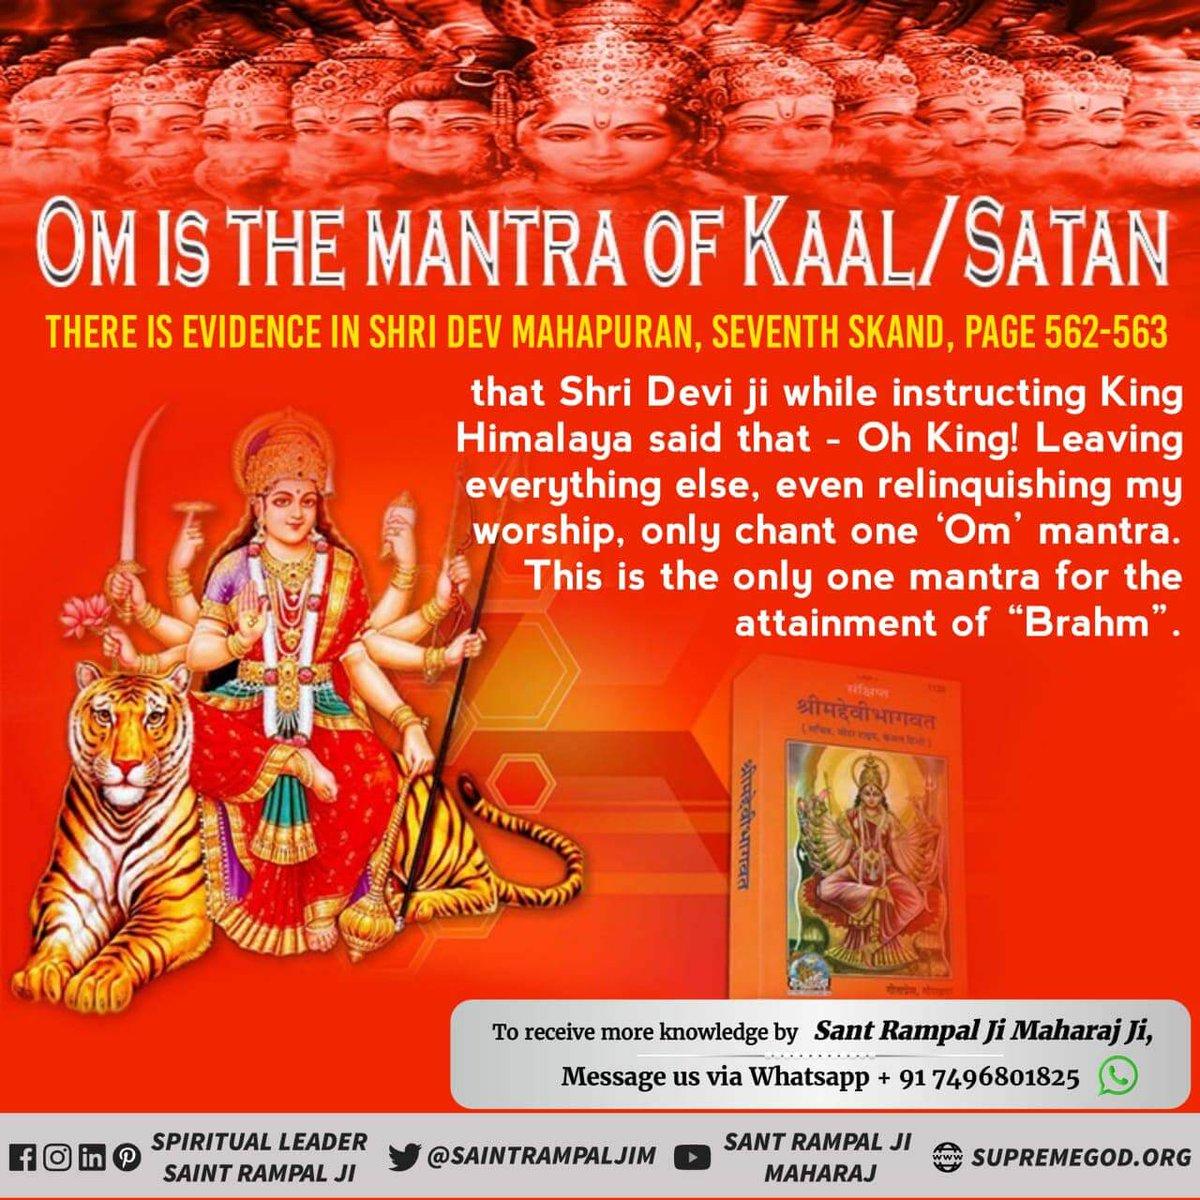 ॐ_का_रहस्य #shivay #omnamahshivaya #ujjain #aghori #shiva #lordshiva #harharmahadev #bambambhole  #mahadeva #shiv #bhole #amarnath #badrinath #kedarnath #rudra #shakti #bhakti #guru #satsang #yogi #shivbhakt #devi #bholebaba #mahakaal #somnath #shambhu #ganga #SaintRampalJi https://t.co/YvdBqfKTrE